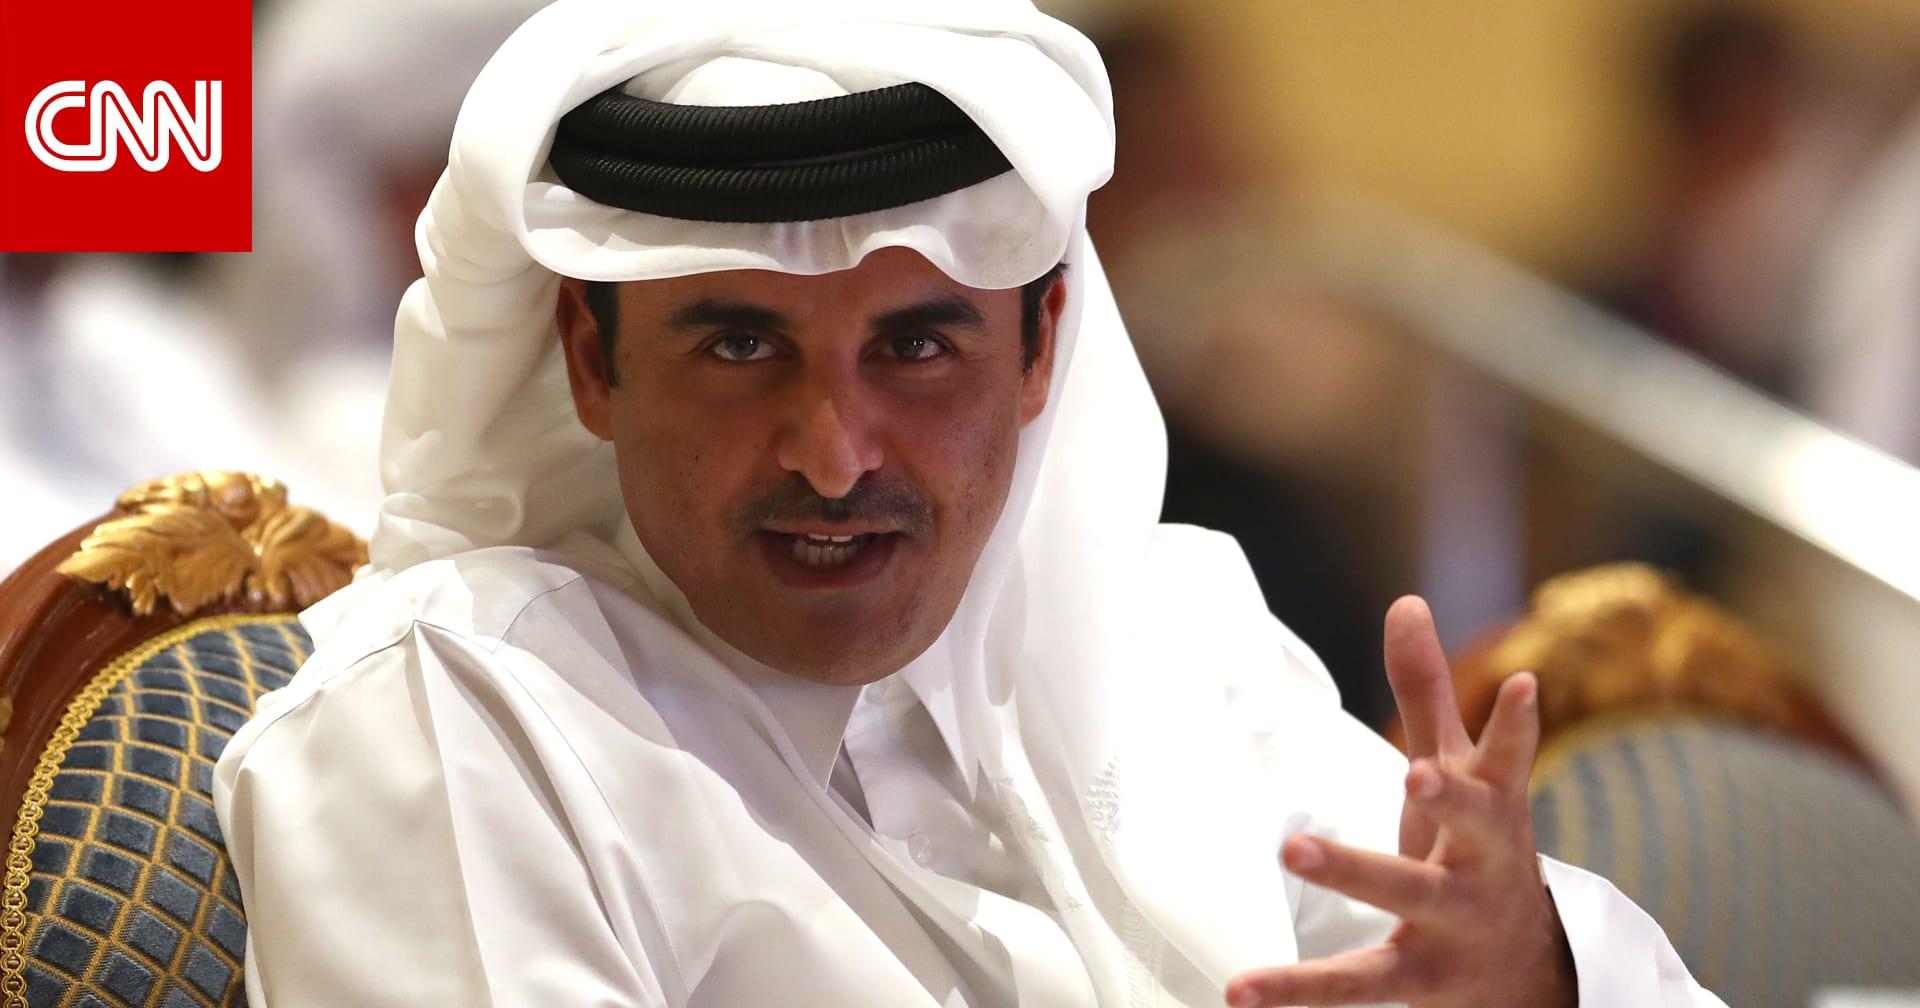 أمير قطر يهاتف الملك سلمان وولي عهد السعودية للتهنئة بعيد الأضحى